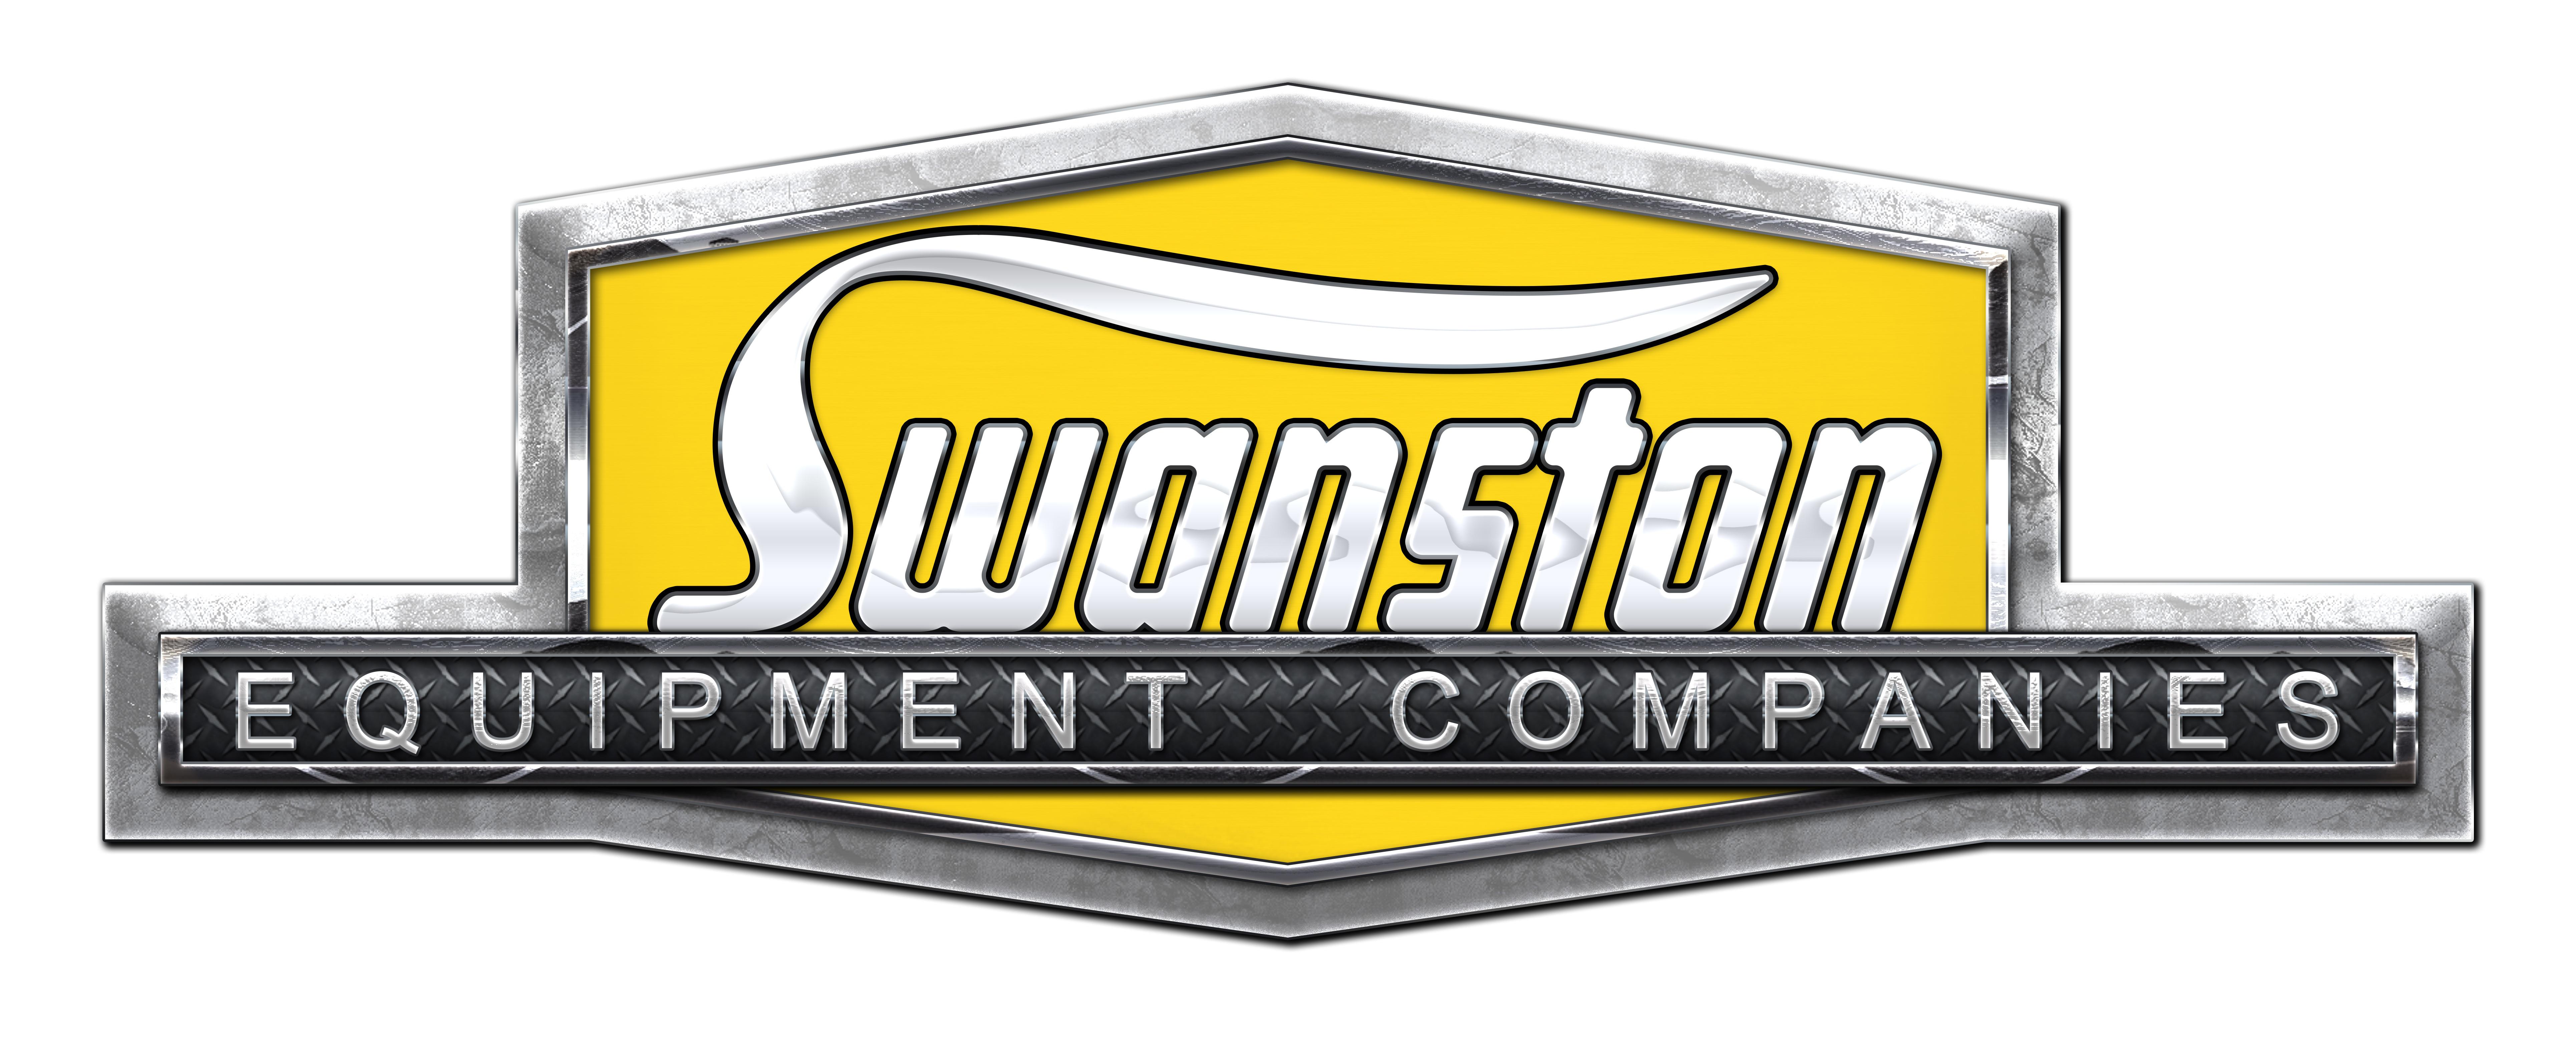 Swanston Equipment Company company logo